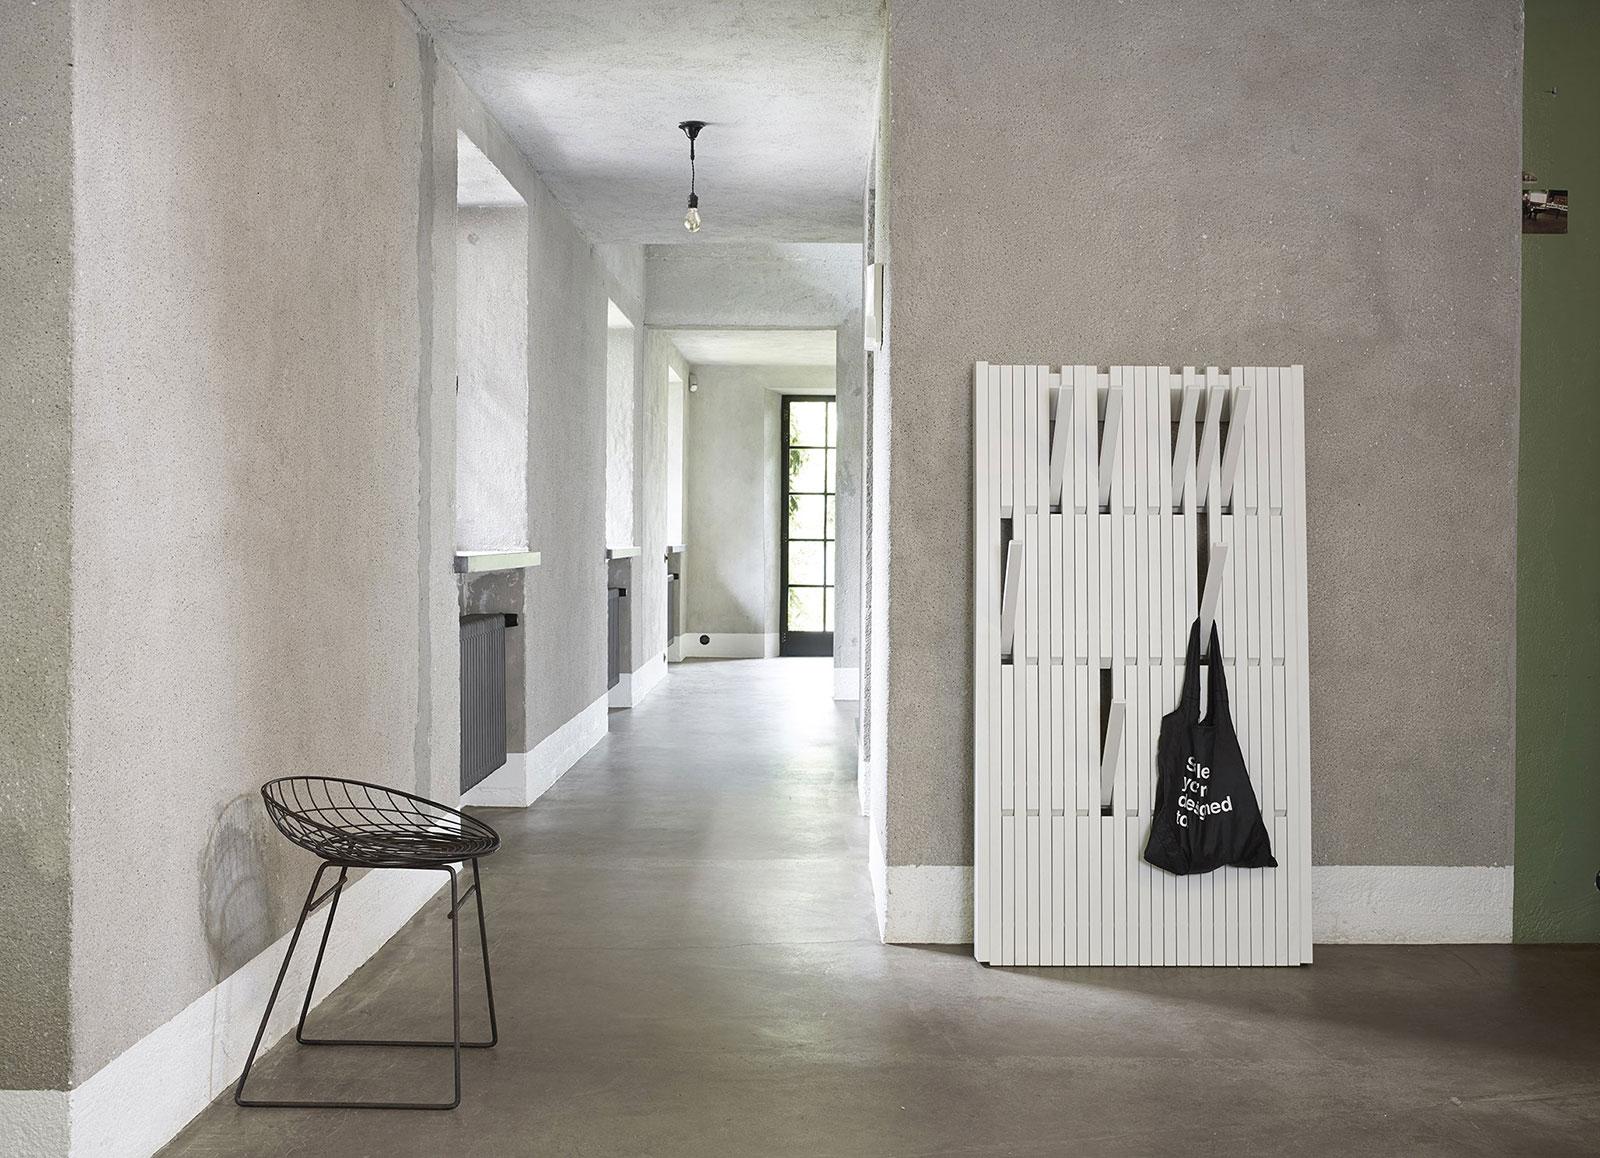 Klasse statt Masse: Die Garderobe Piano vom belgischen Hersteller Peruse zieht die Blicke auf sich.